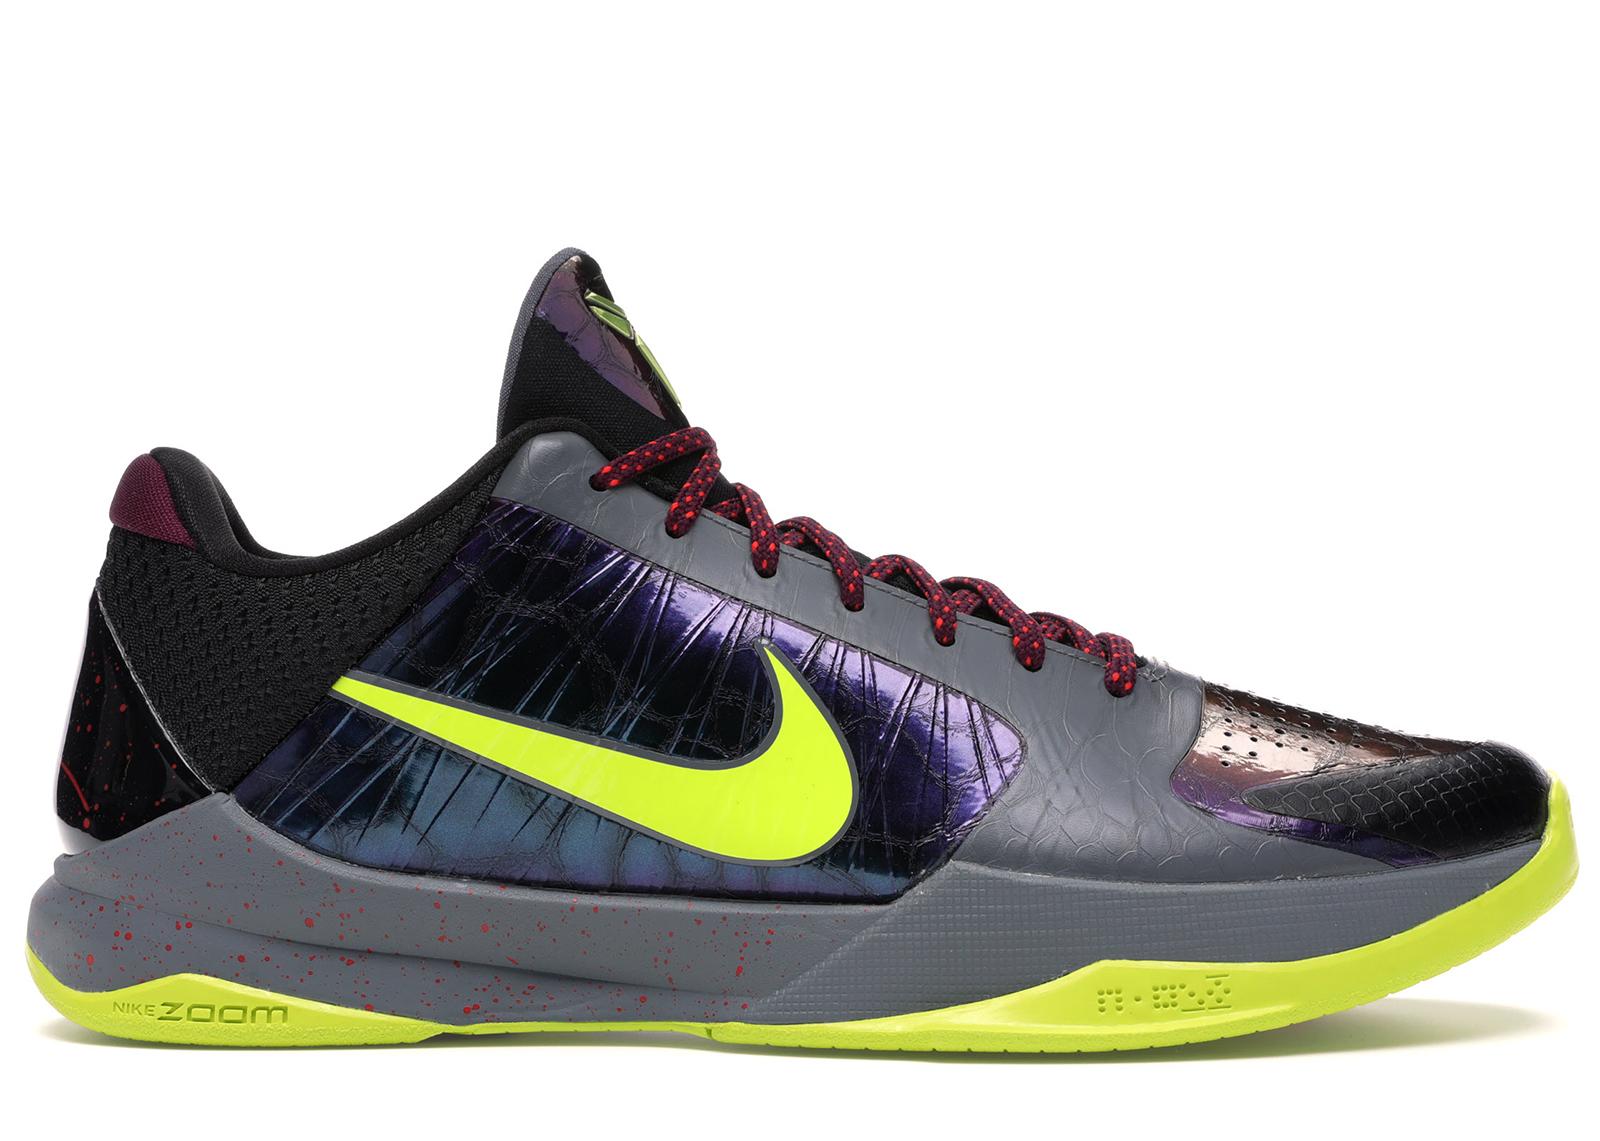 Nike Kobe 5 Protro 2K Gamer Exclusive